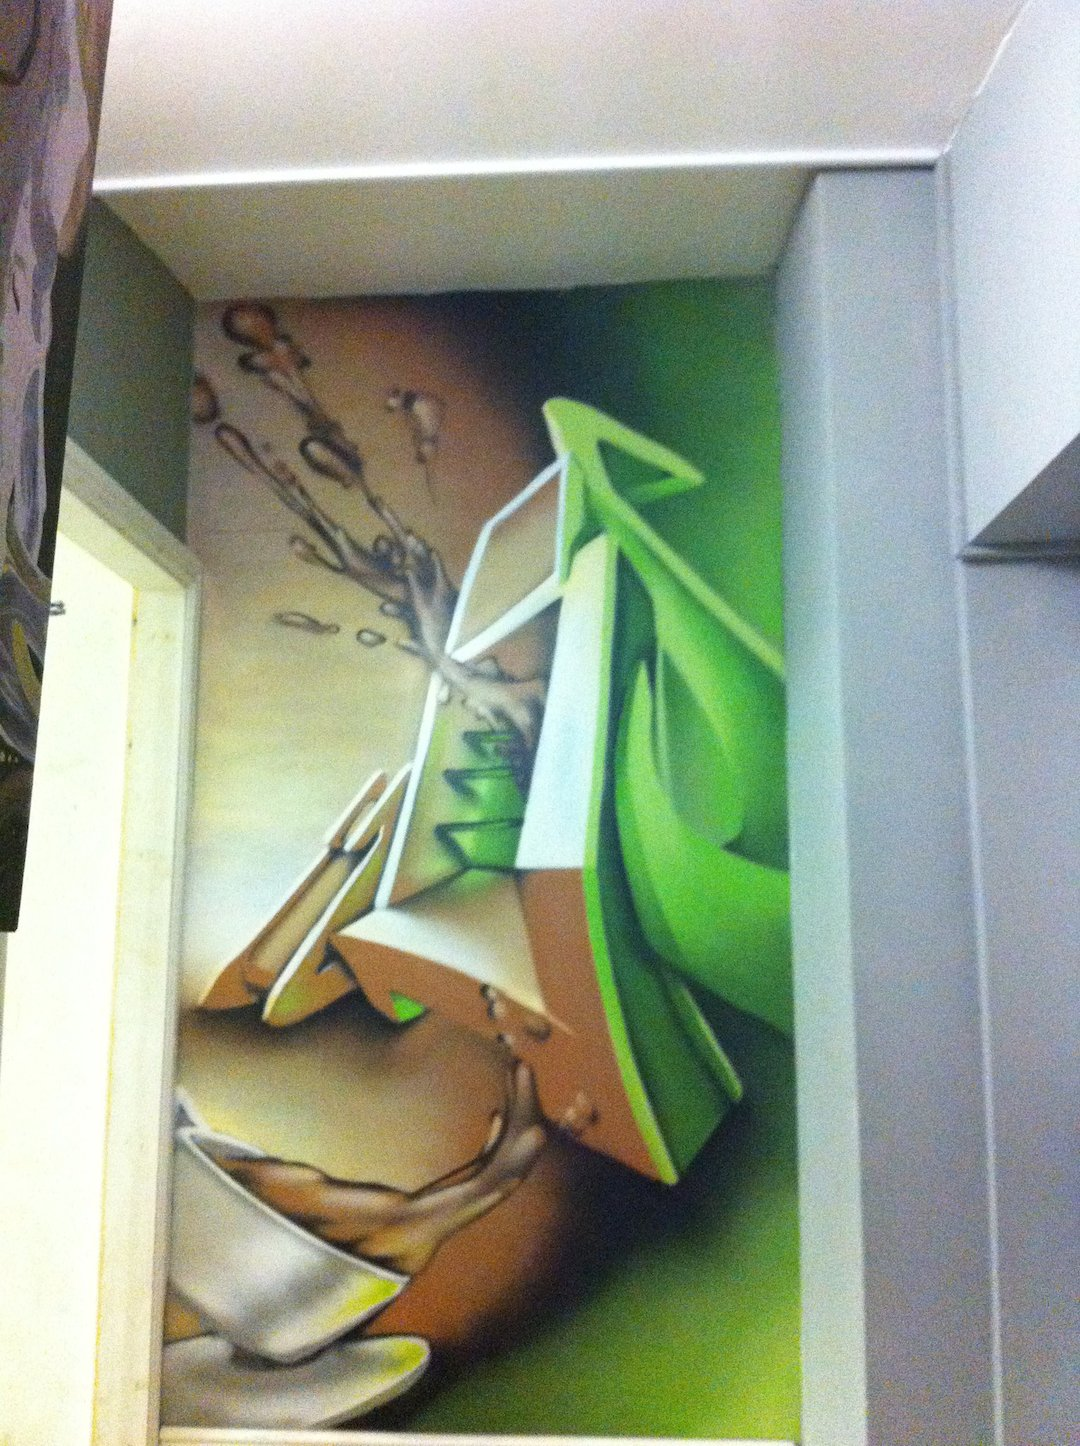 venue-graffiti-bristol-zase-zasedesign-19